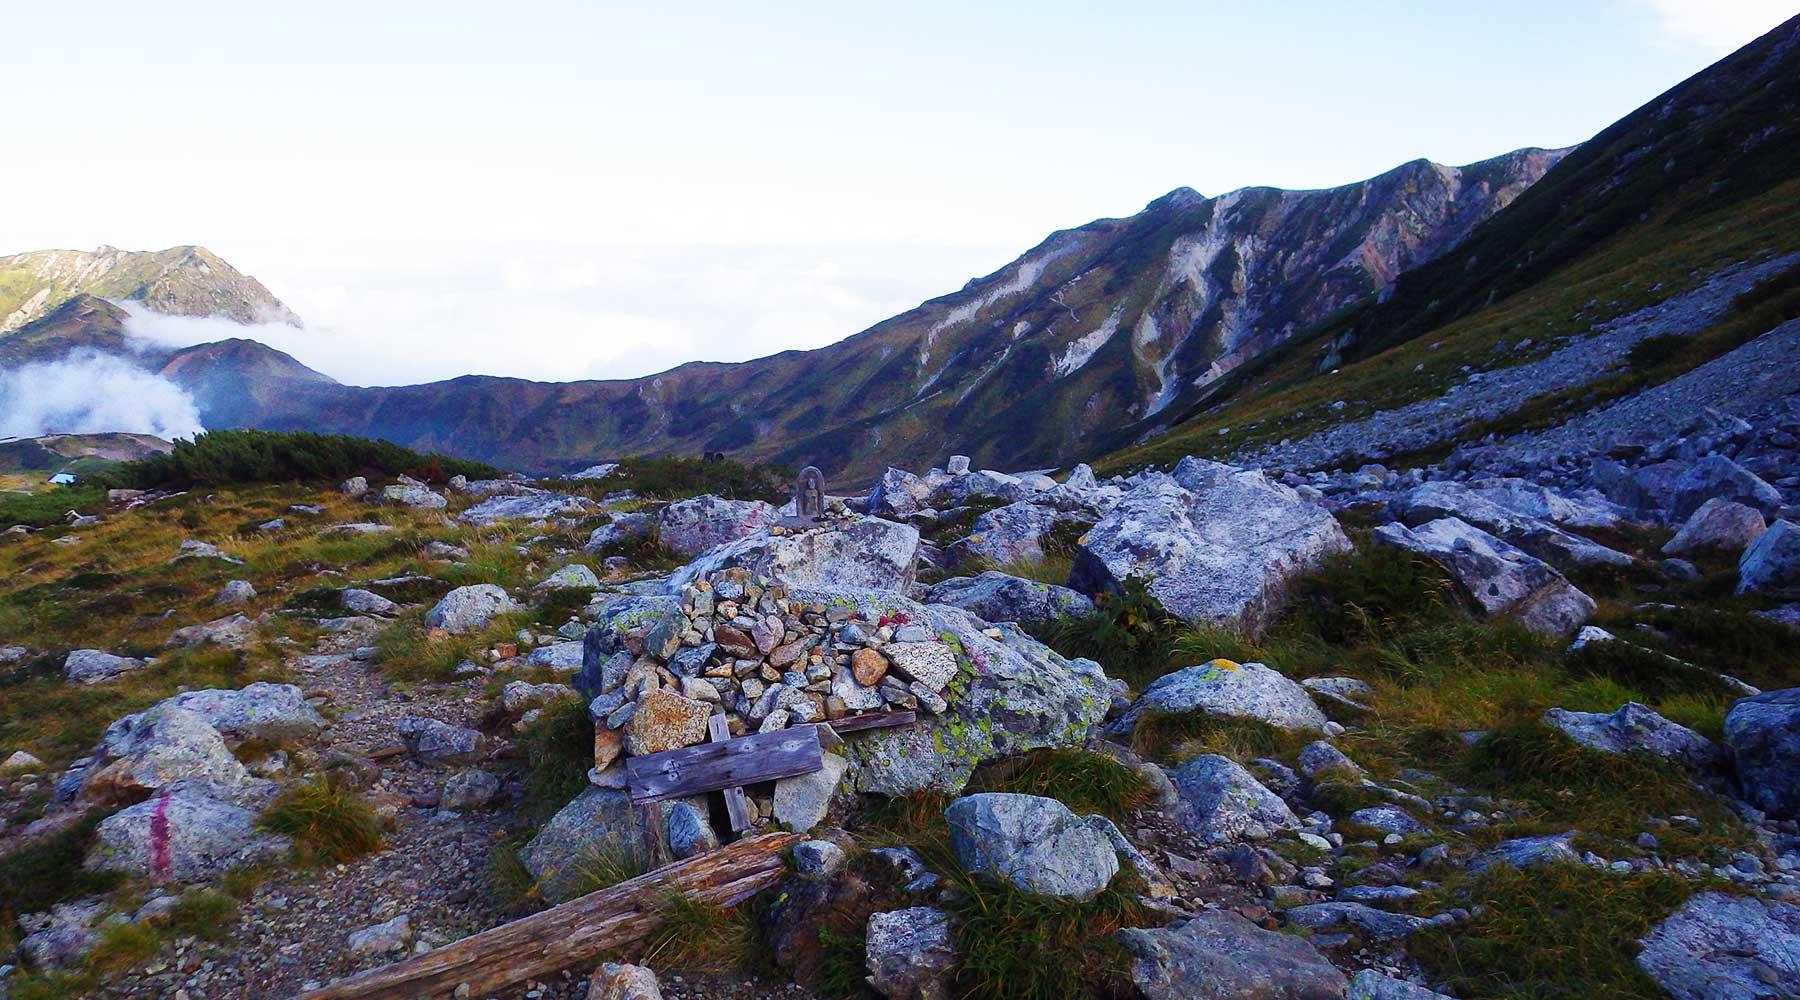 雷鳥沢キャンプ場から一ノ越へ登るルートと、室堂から上がるルートの合流地点